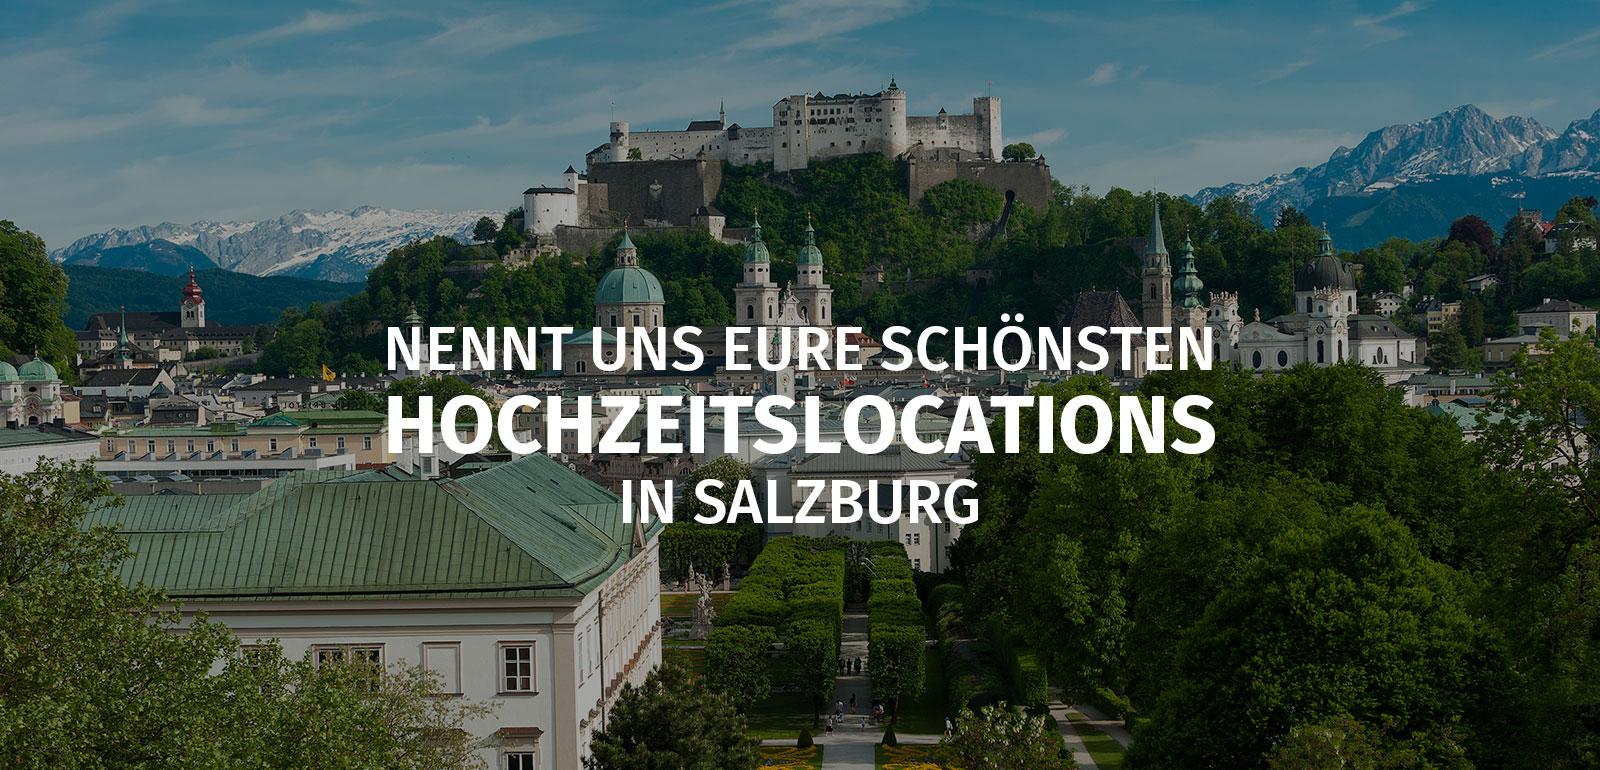 Traumhochzeit In Salzburg Hotel Koniggut